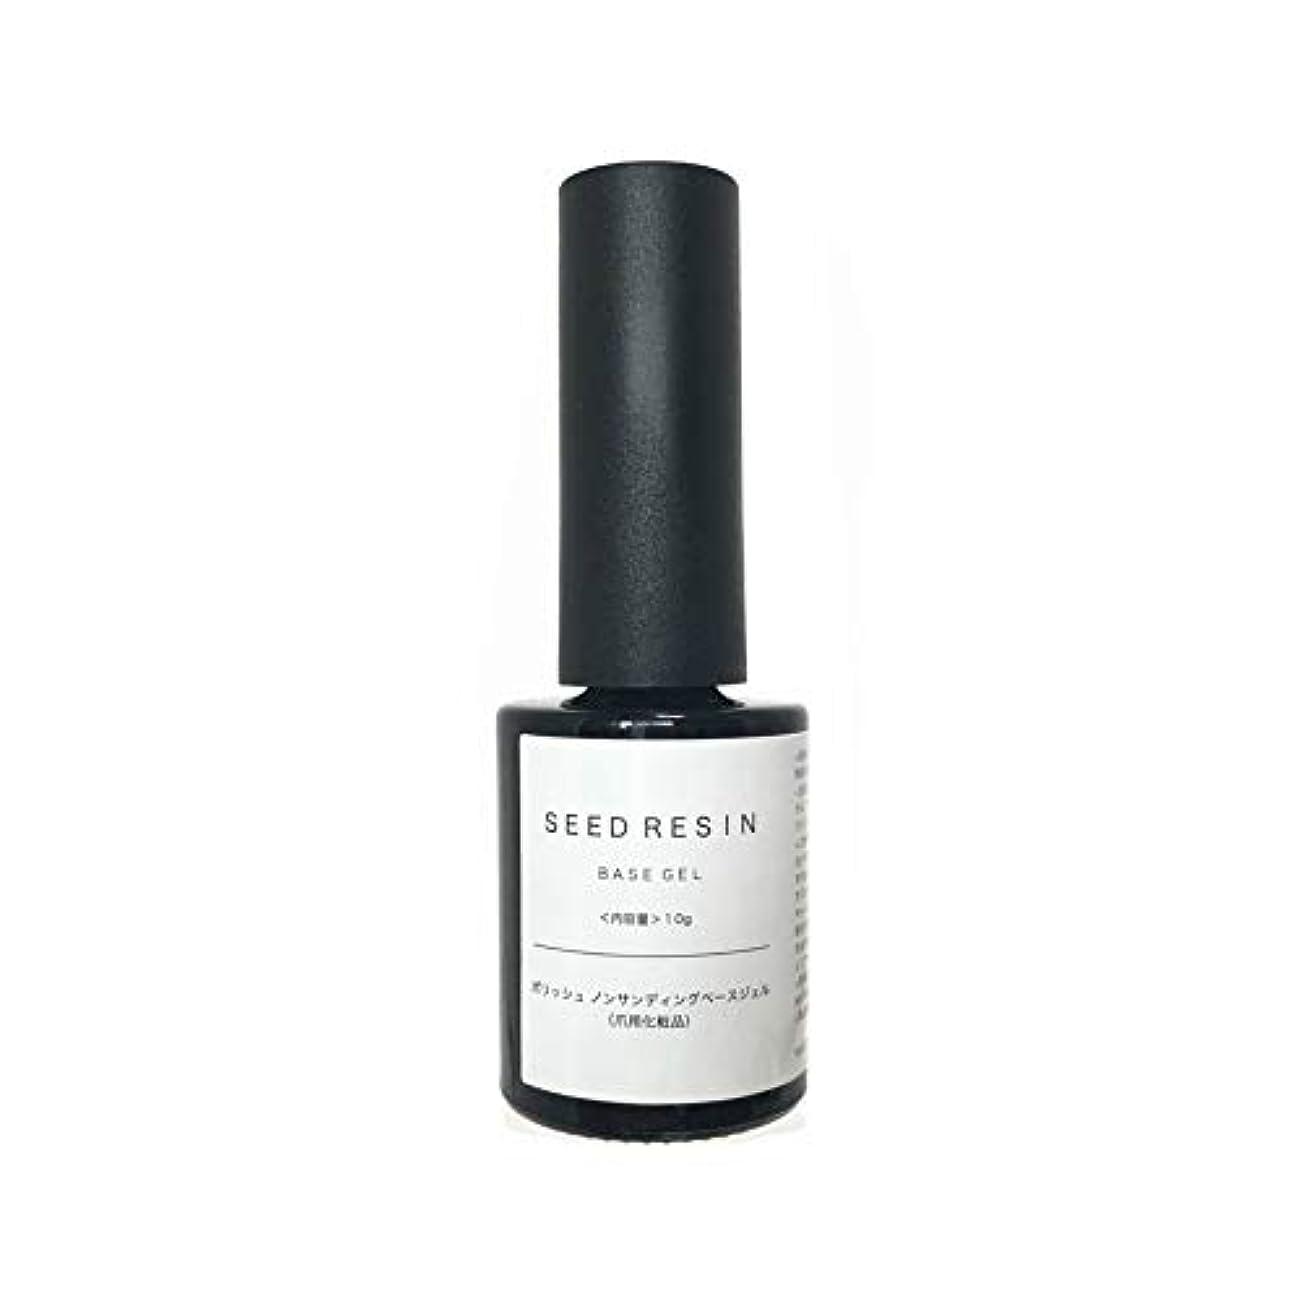 一月ラフト一時停止SEED RESIN(シードレジン) ジェルネイル ポリッシュ ノンサンディング ベースジェル 10g 爪用化粧品 日本製